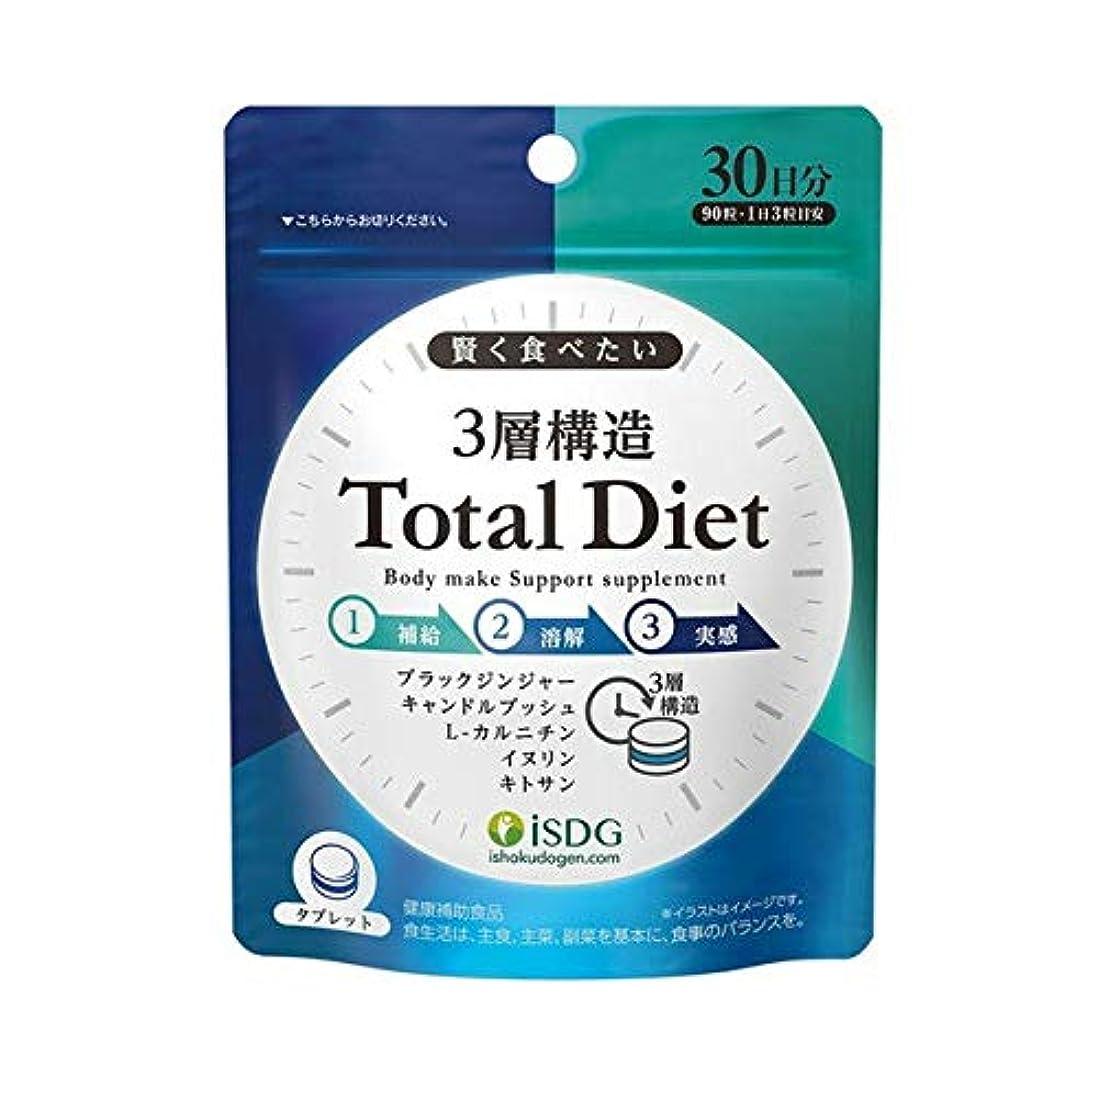 悲鳴バウンド標高医食同源ドットコム ISDG 3層構造 Total Diet 90粒入 トータル ダイエット×10個セット